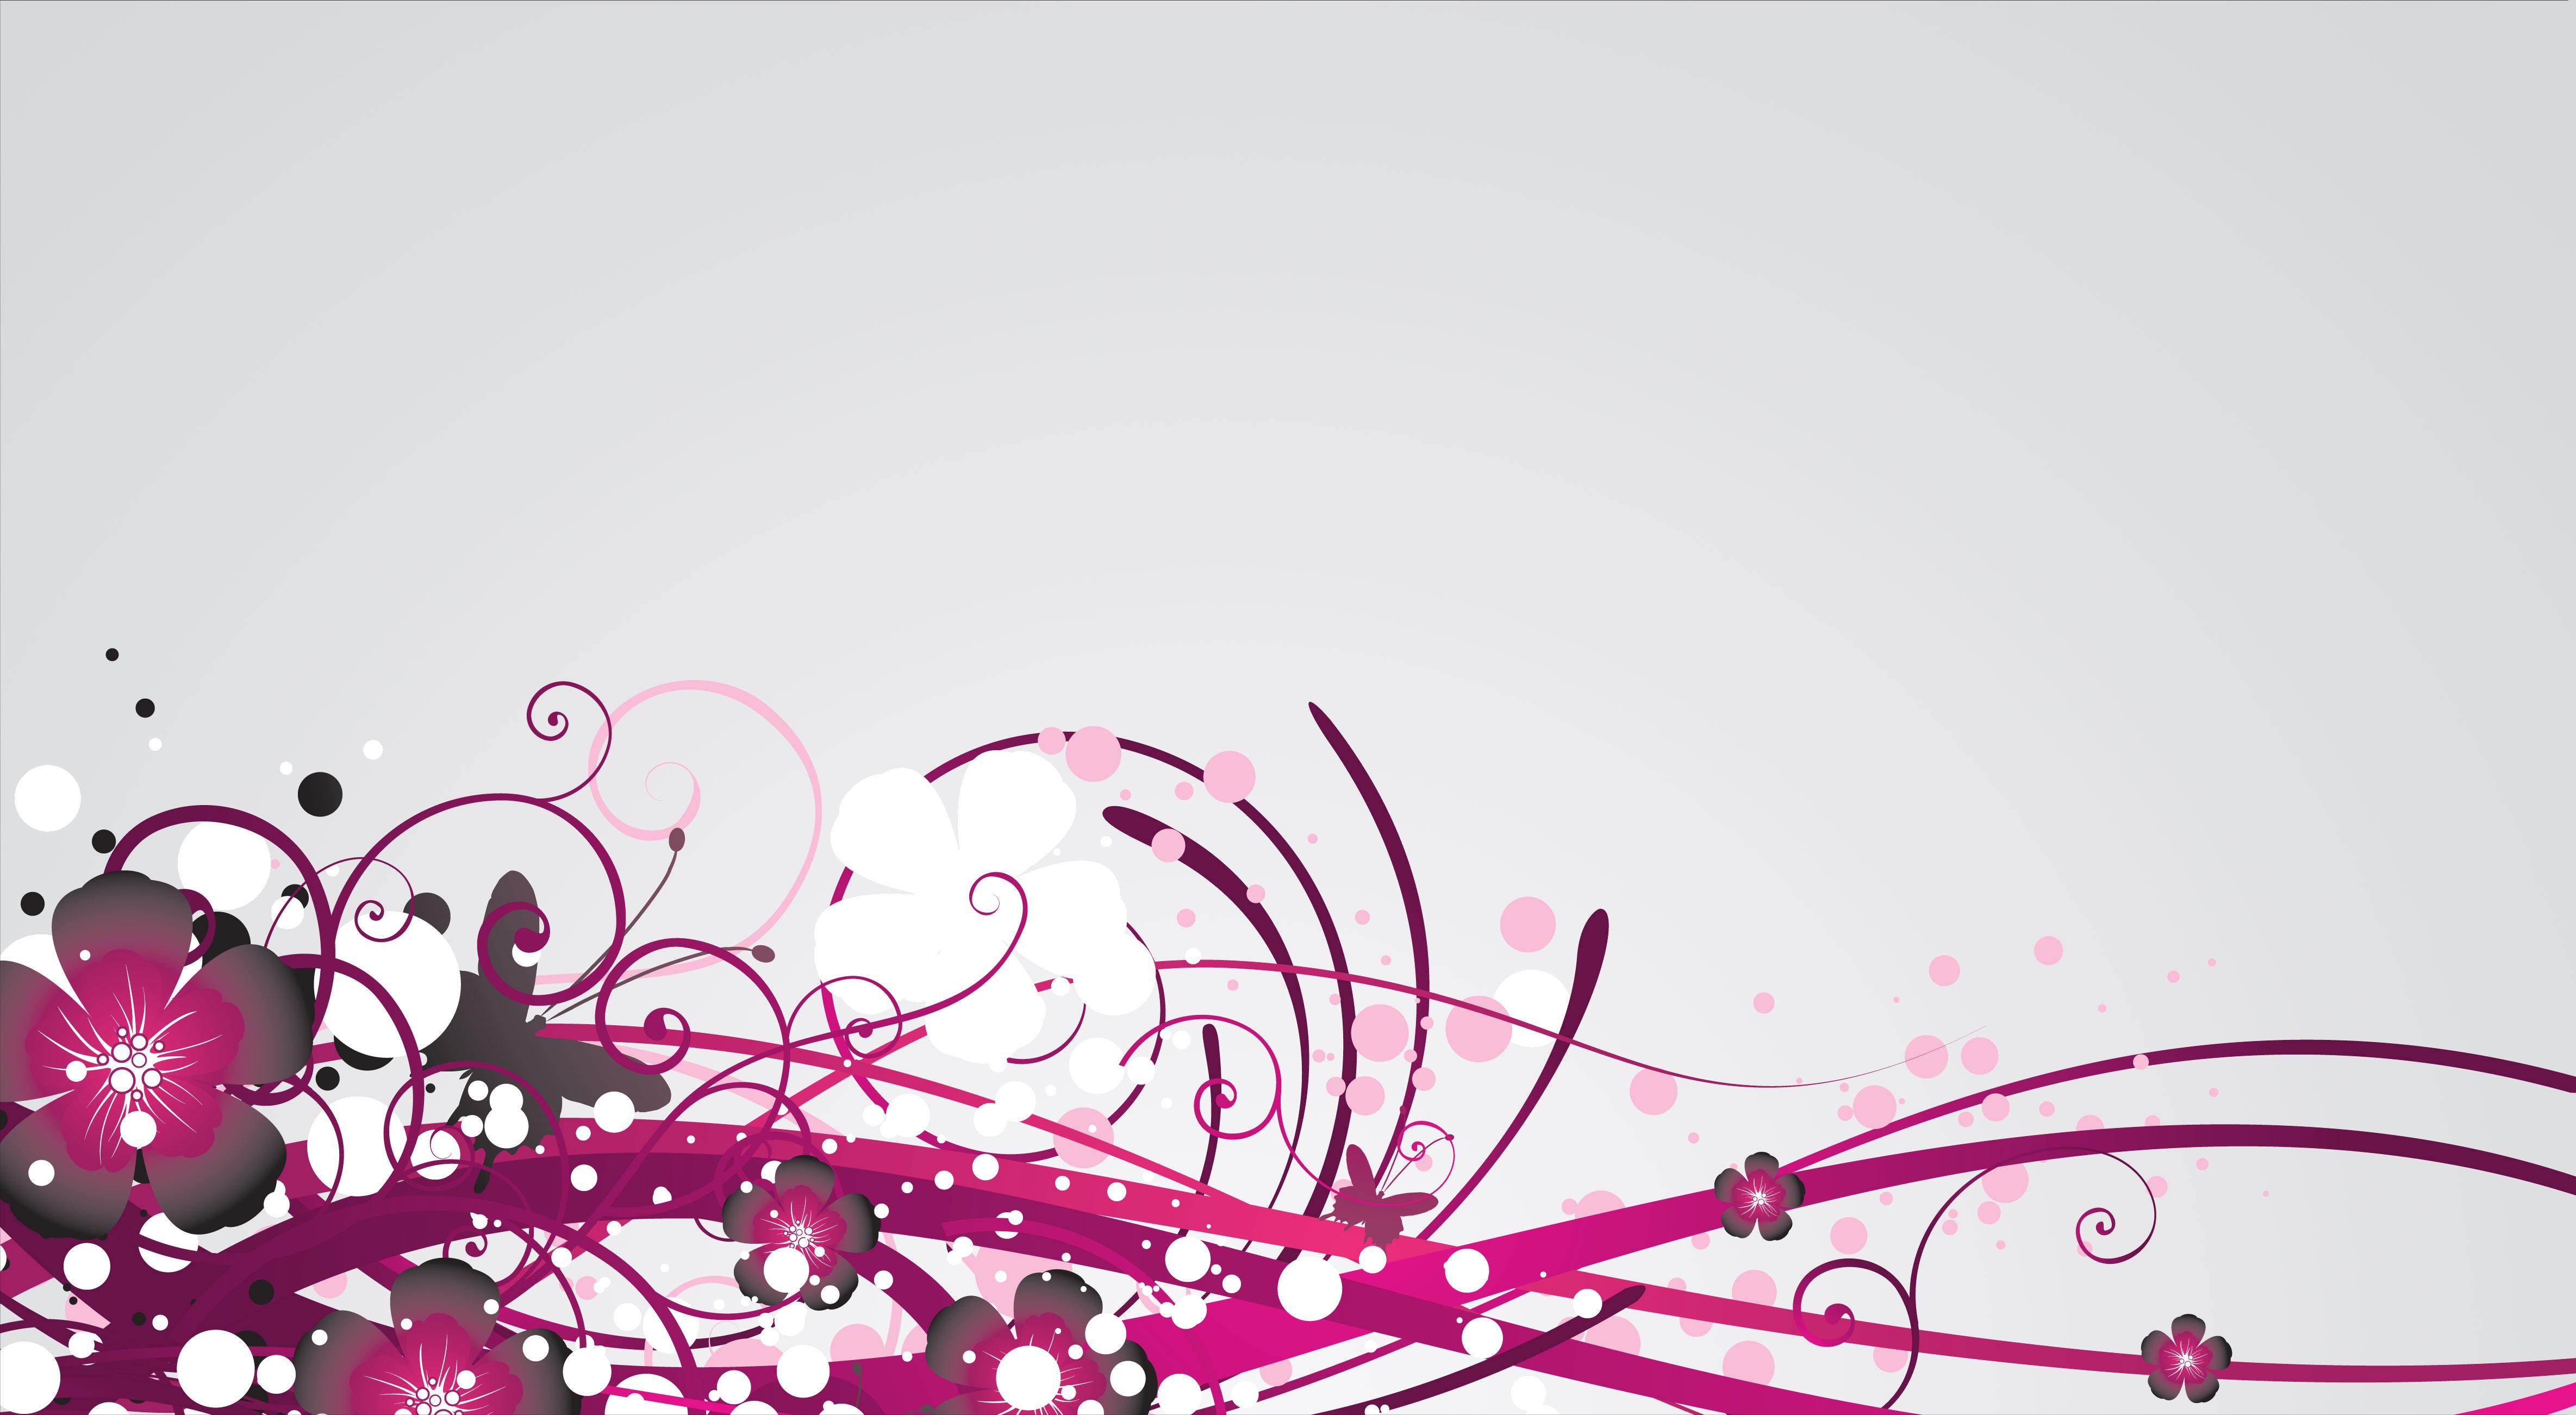 紫色の花のイラスト フリー素材 背景 壁紙no 504 赤紫 茎ライン 粒